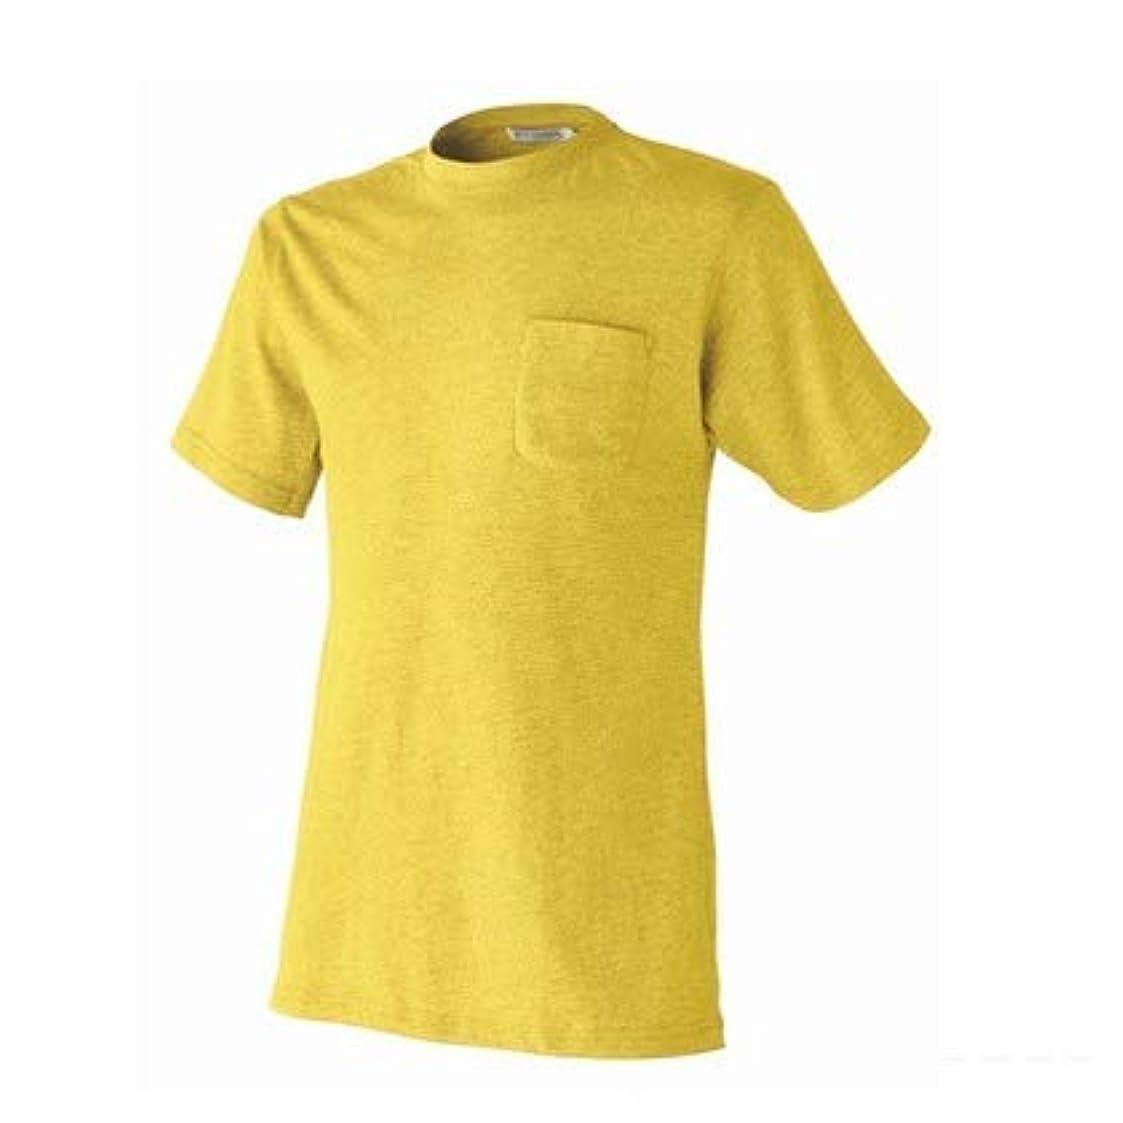 テレマコス低下バックグラウンドアタックベース 半袖Tシャツ 5050-15 4L イエロー